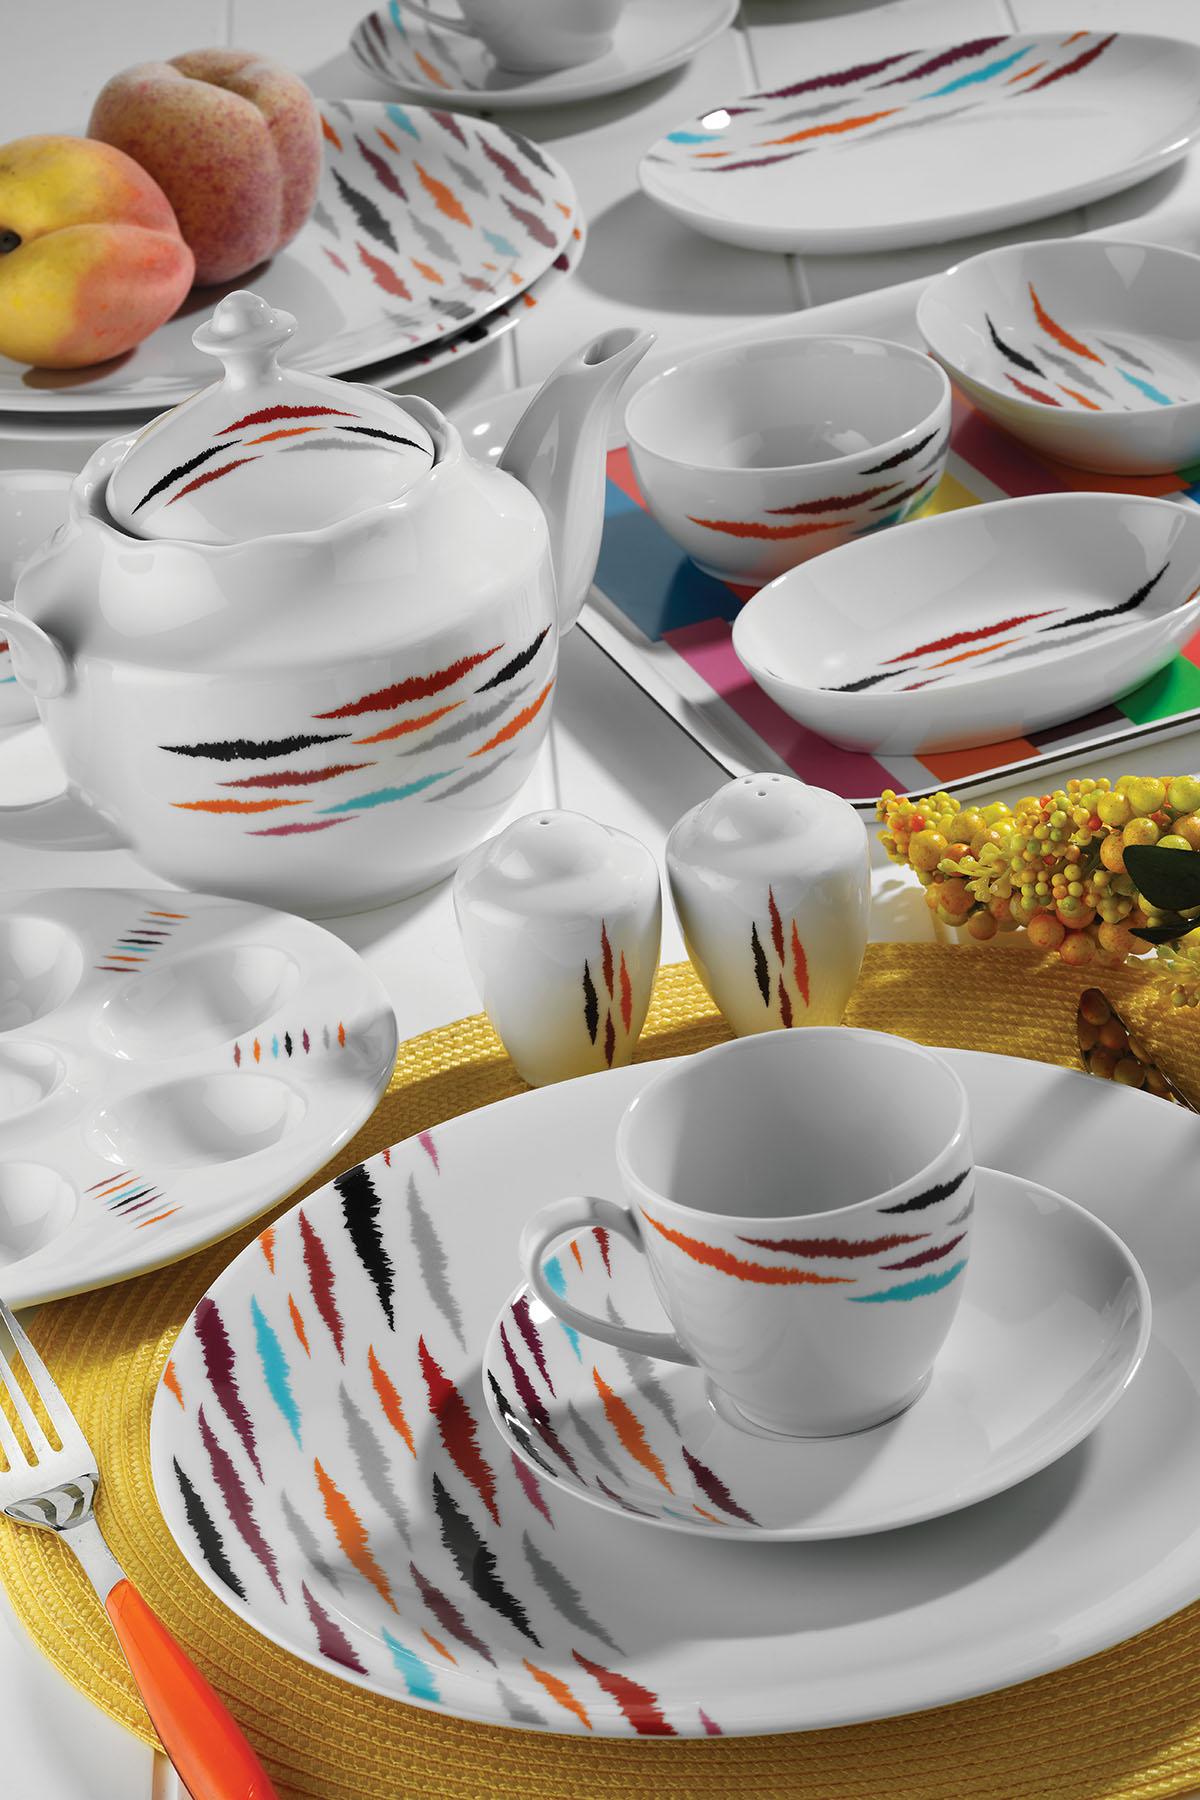 KÜTAHYA PORSELEN - Kütahya Porselen 35 Parça 10070 Desen Kahvaltı Takımı